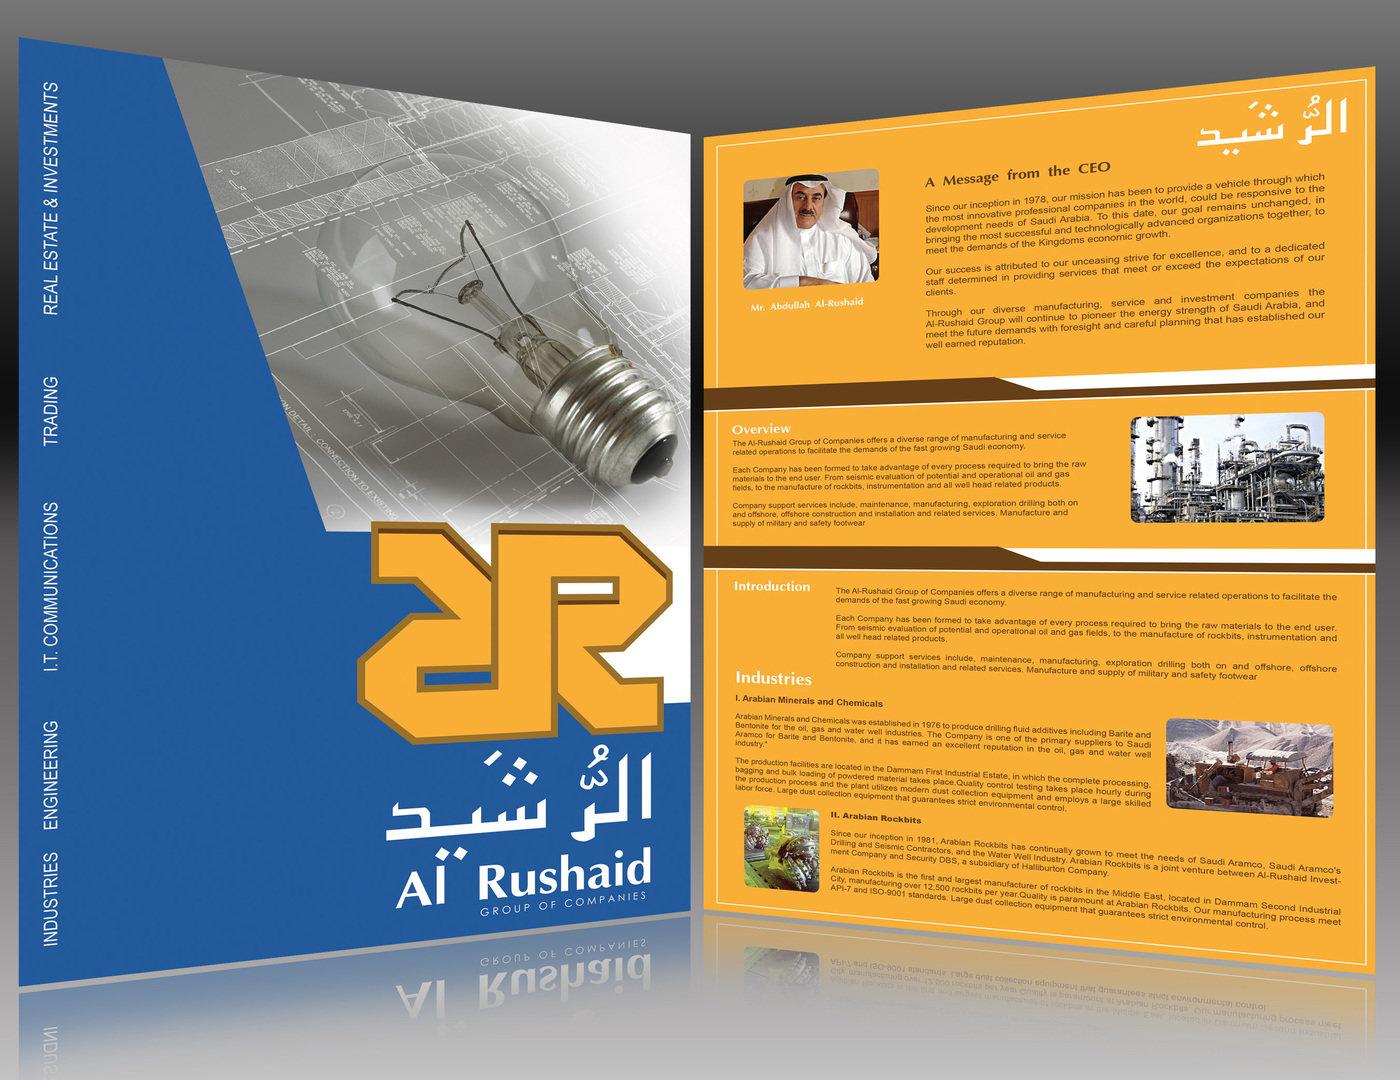 Al Rushaid Magazine by Sherif El Deeb at Coroflot com